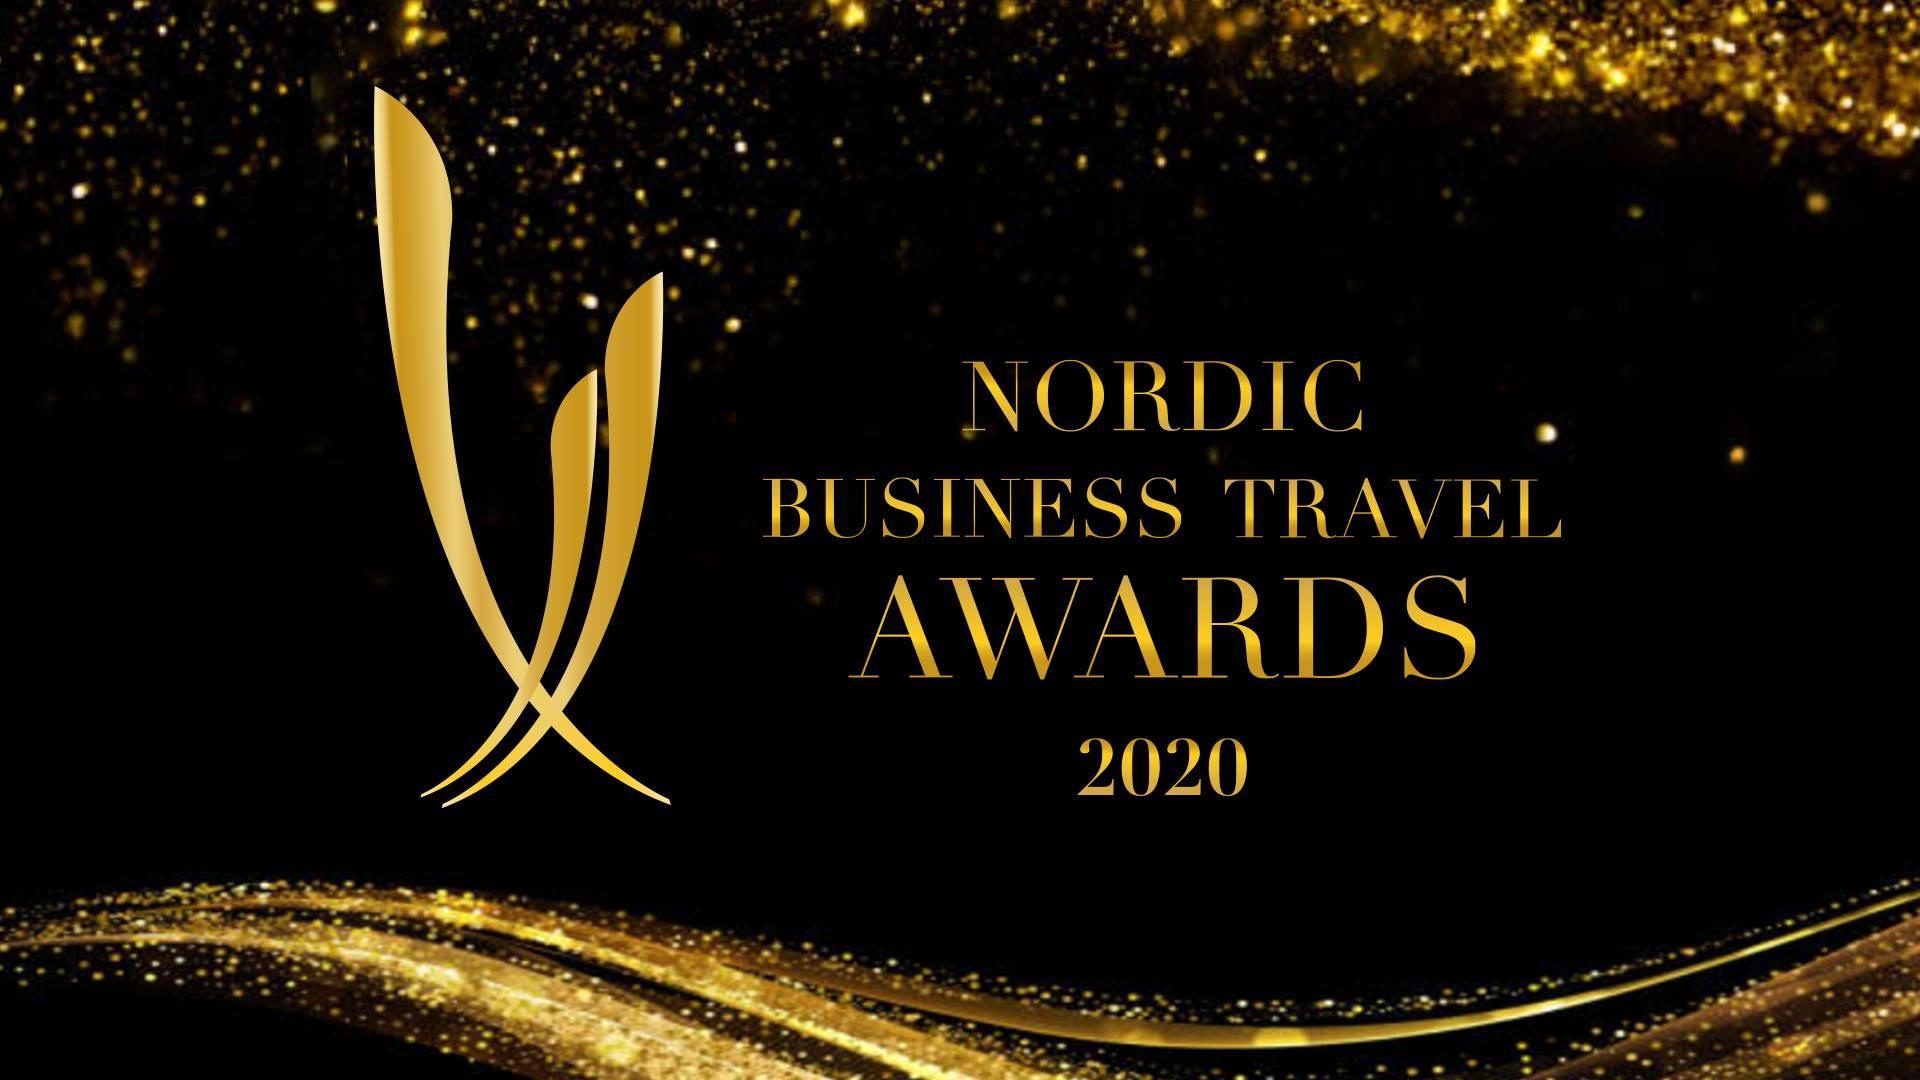 De seks Nordic Business Travel Awards skulle have været uddelt sidste uge på årligt event for de nordiske travel managers. Aflysningen betød, at priserne i stedet nu er blevet præsenteret via nettet. Illustration via Nordic Bench og Nordic Business Travel Summit.